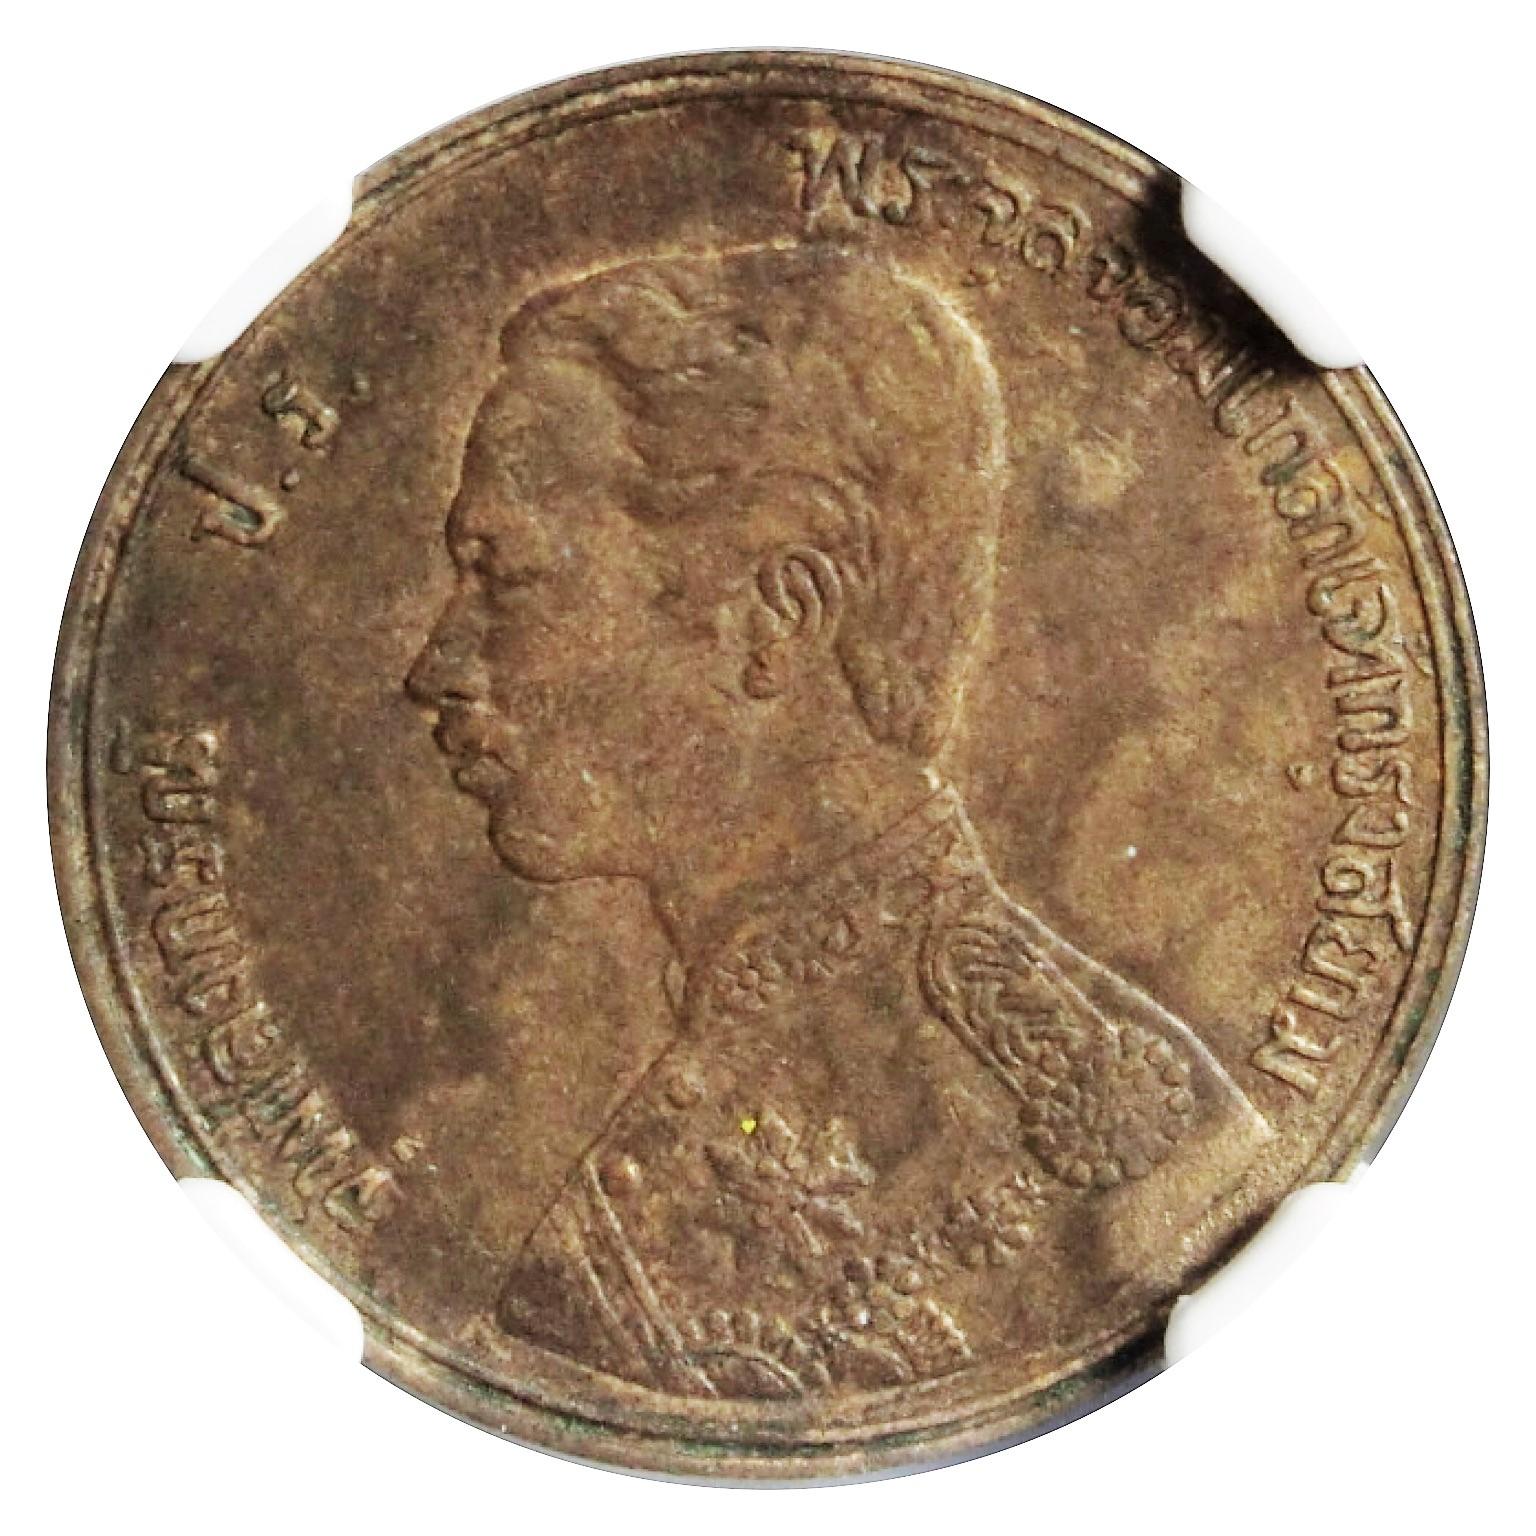 เหรียญกษาปณ์ทองแดง พระสยาม รัชกาลที่๕ ชนิด 1 อัฐ AU50